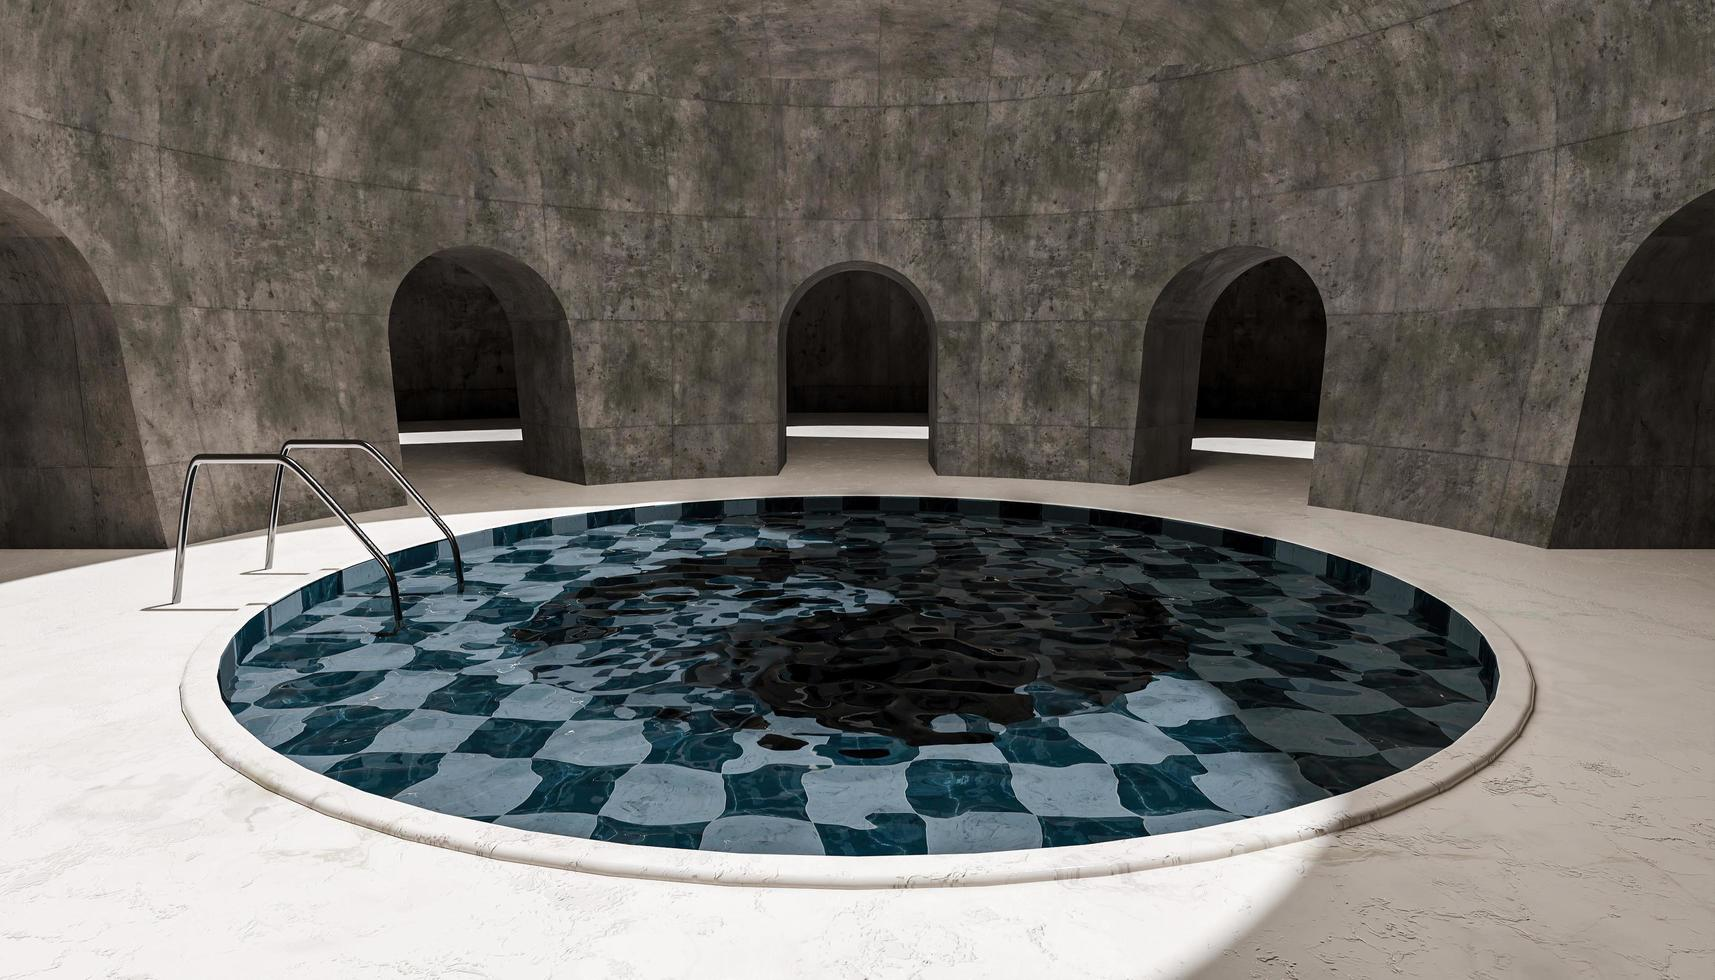 piscina redonda em uma sala vazia foto